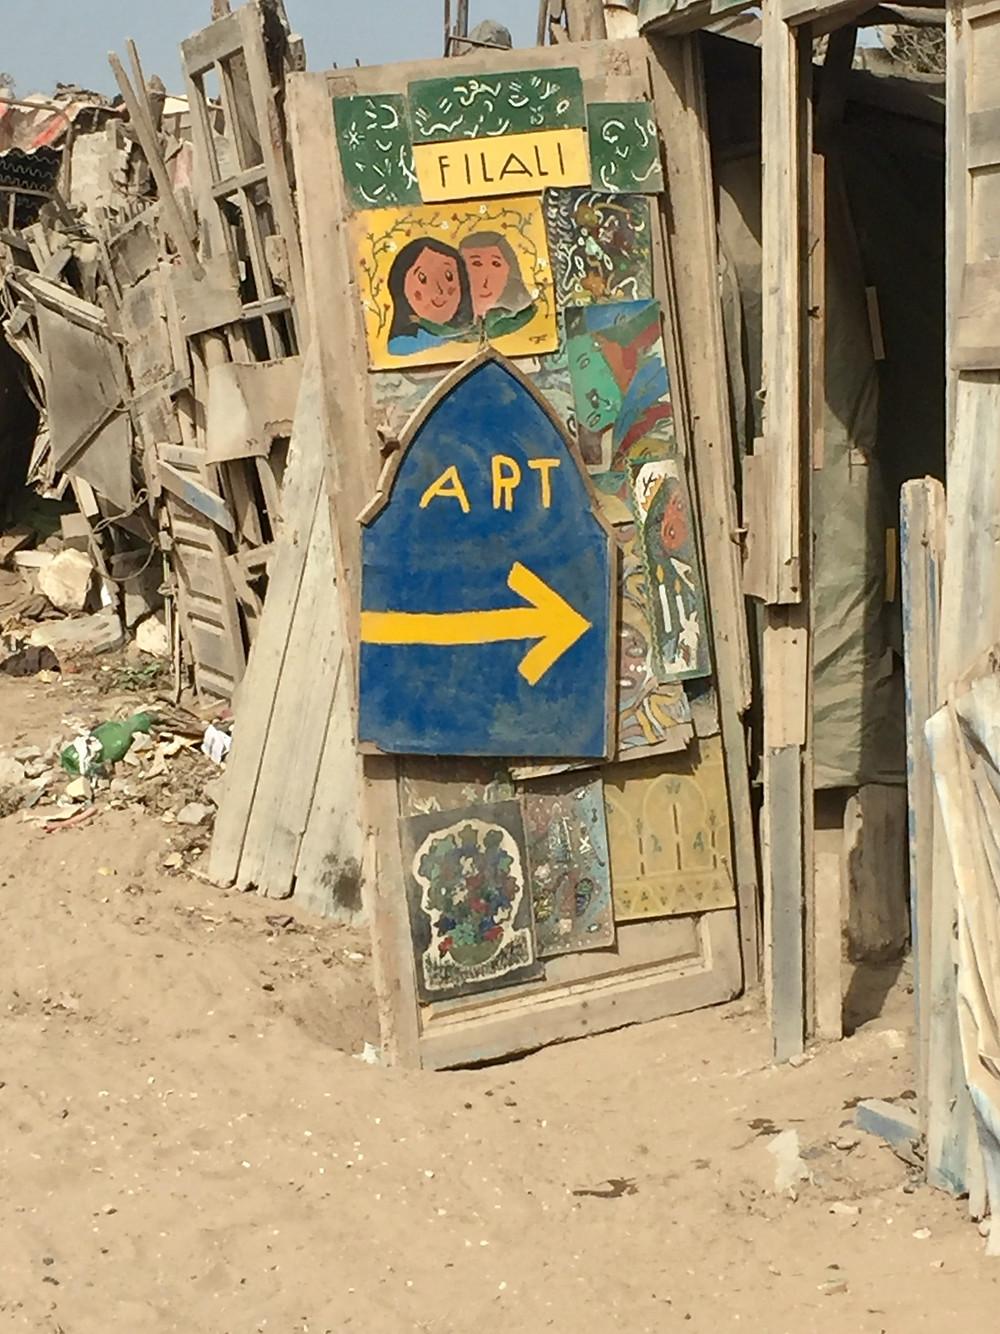 FILALI / La Jutia Essaouira / riad le consulat